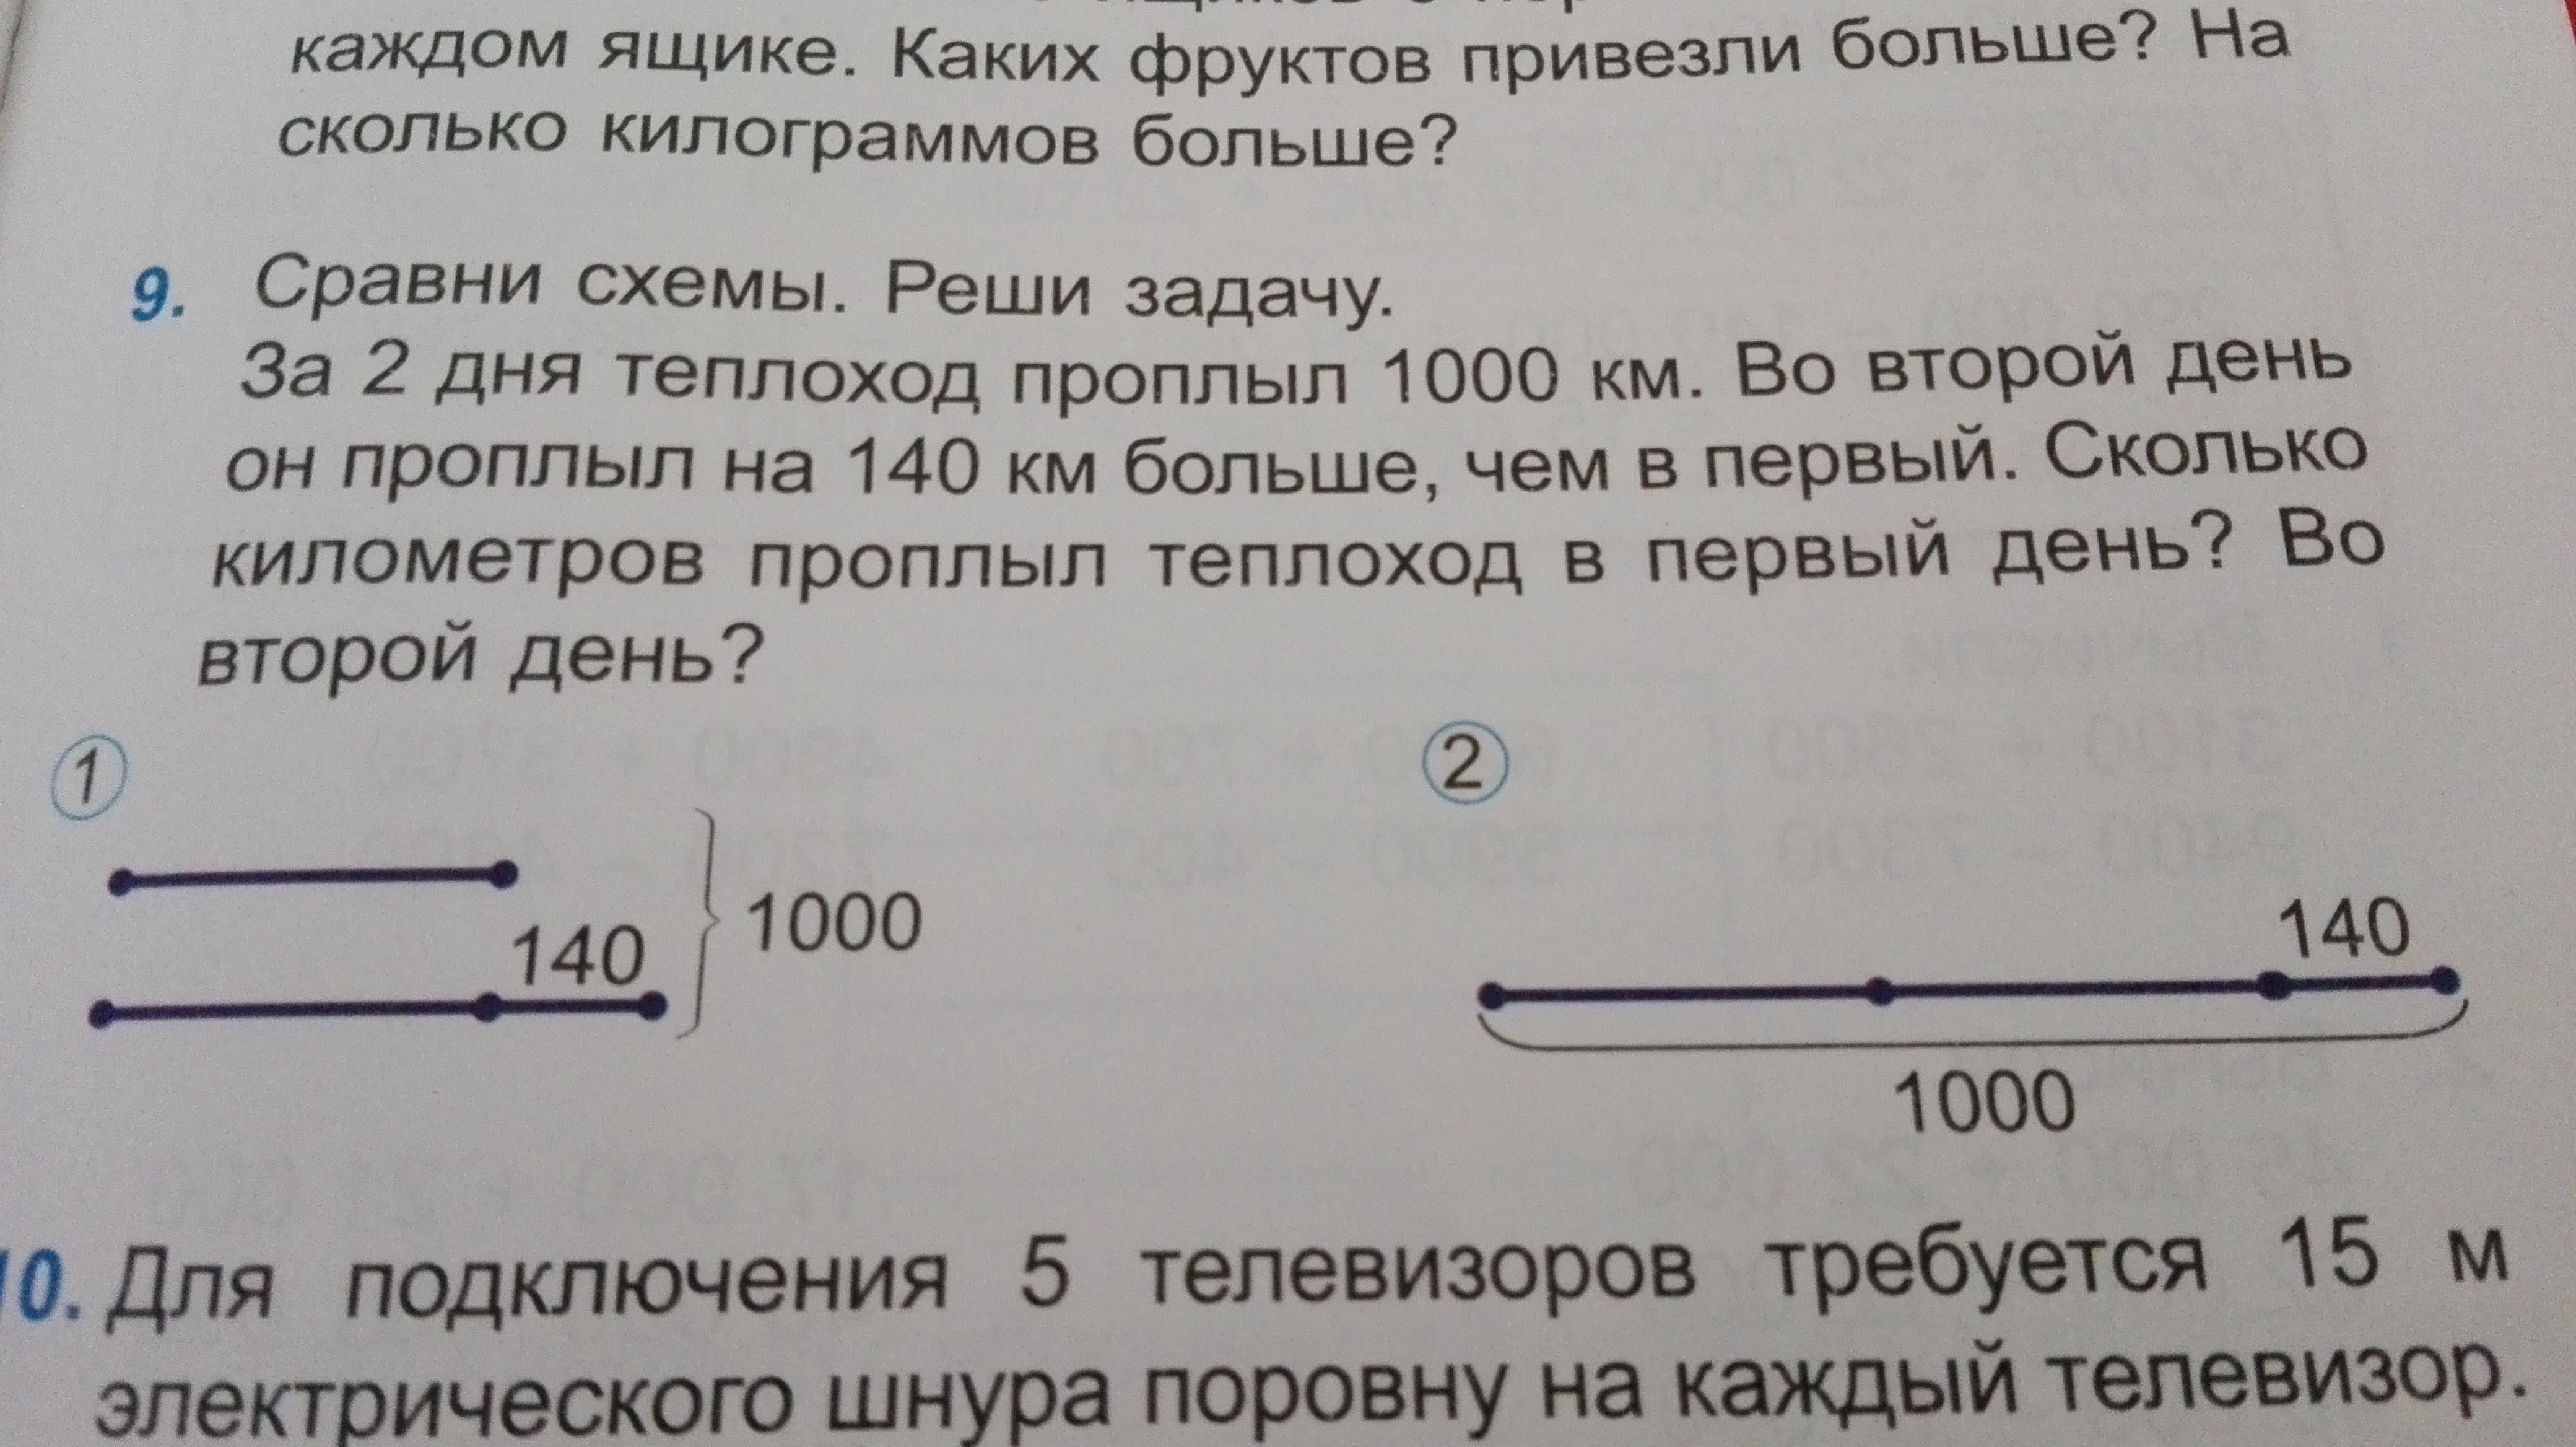 Схема задачи на сколько больше